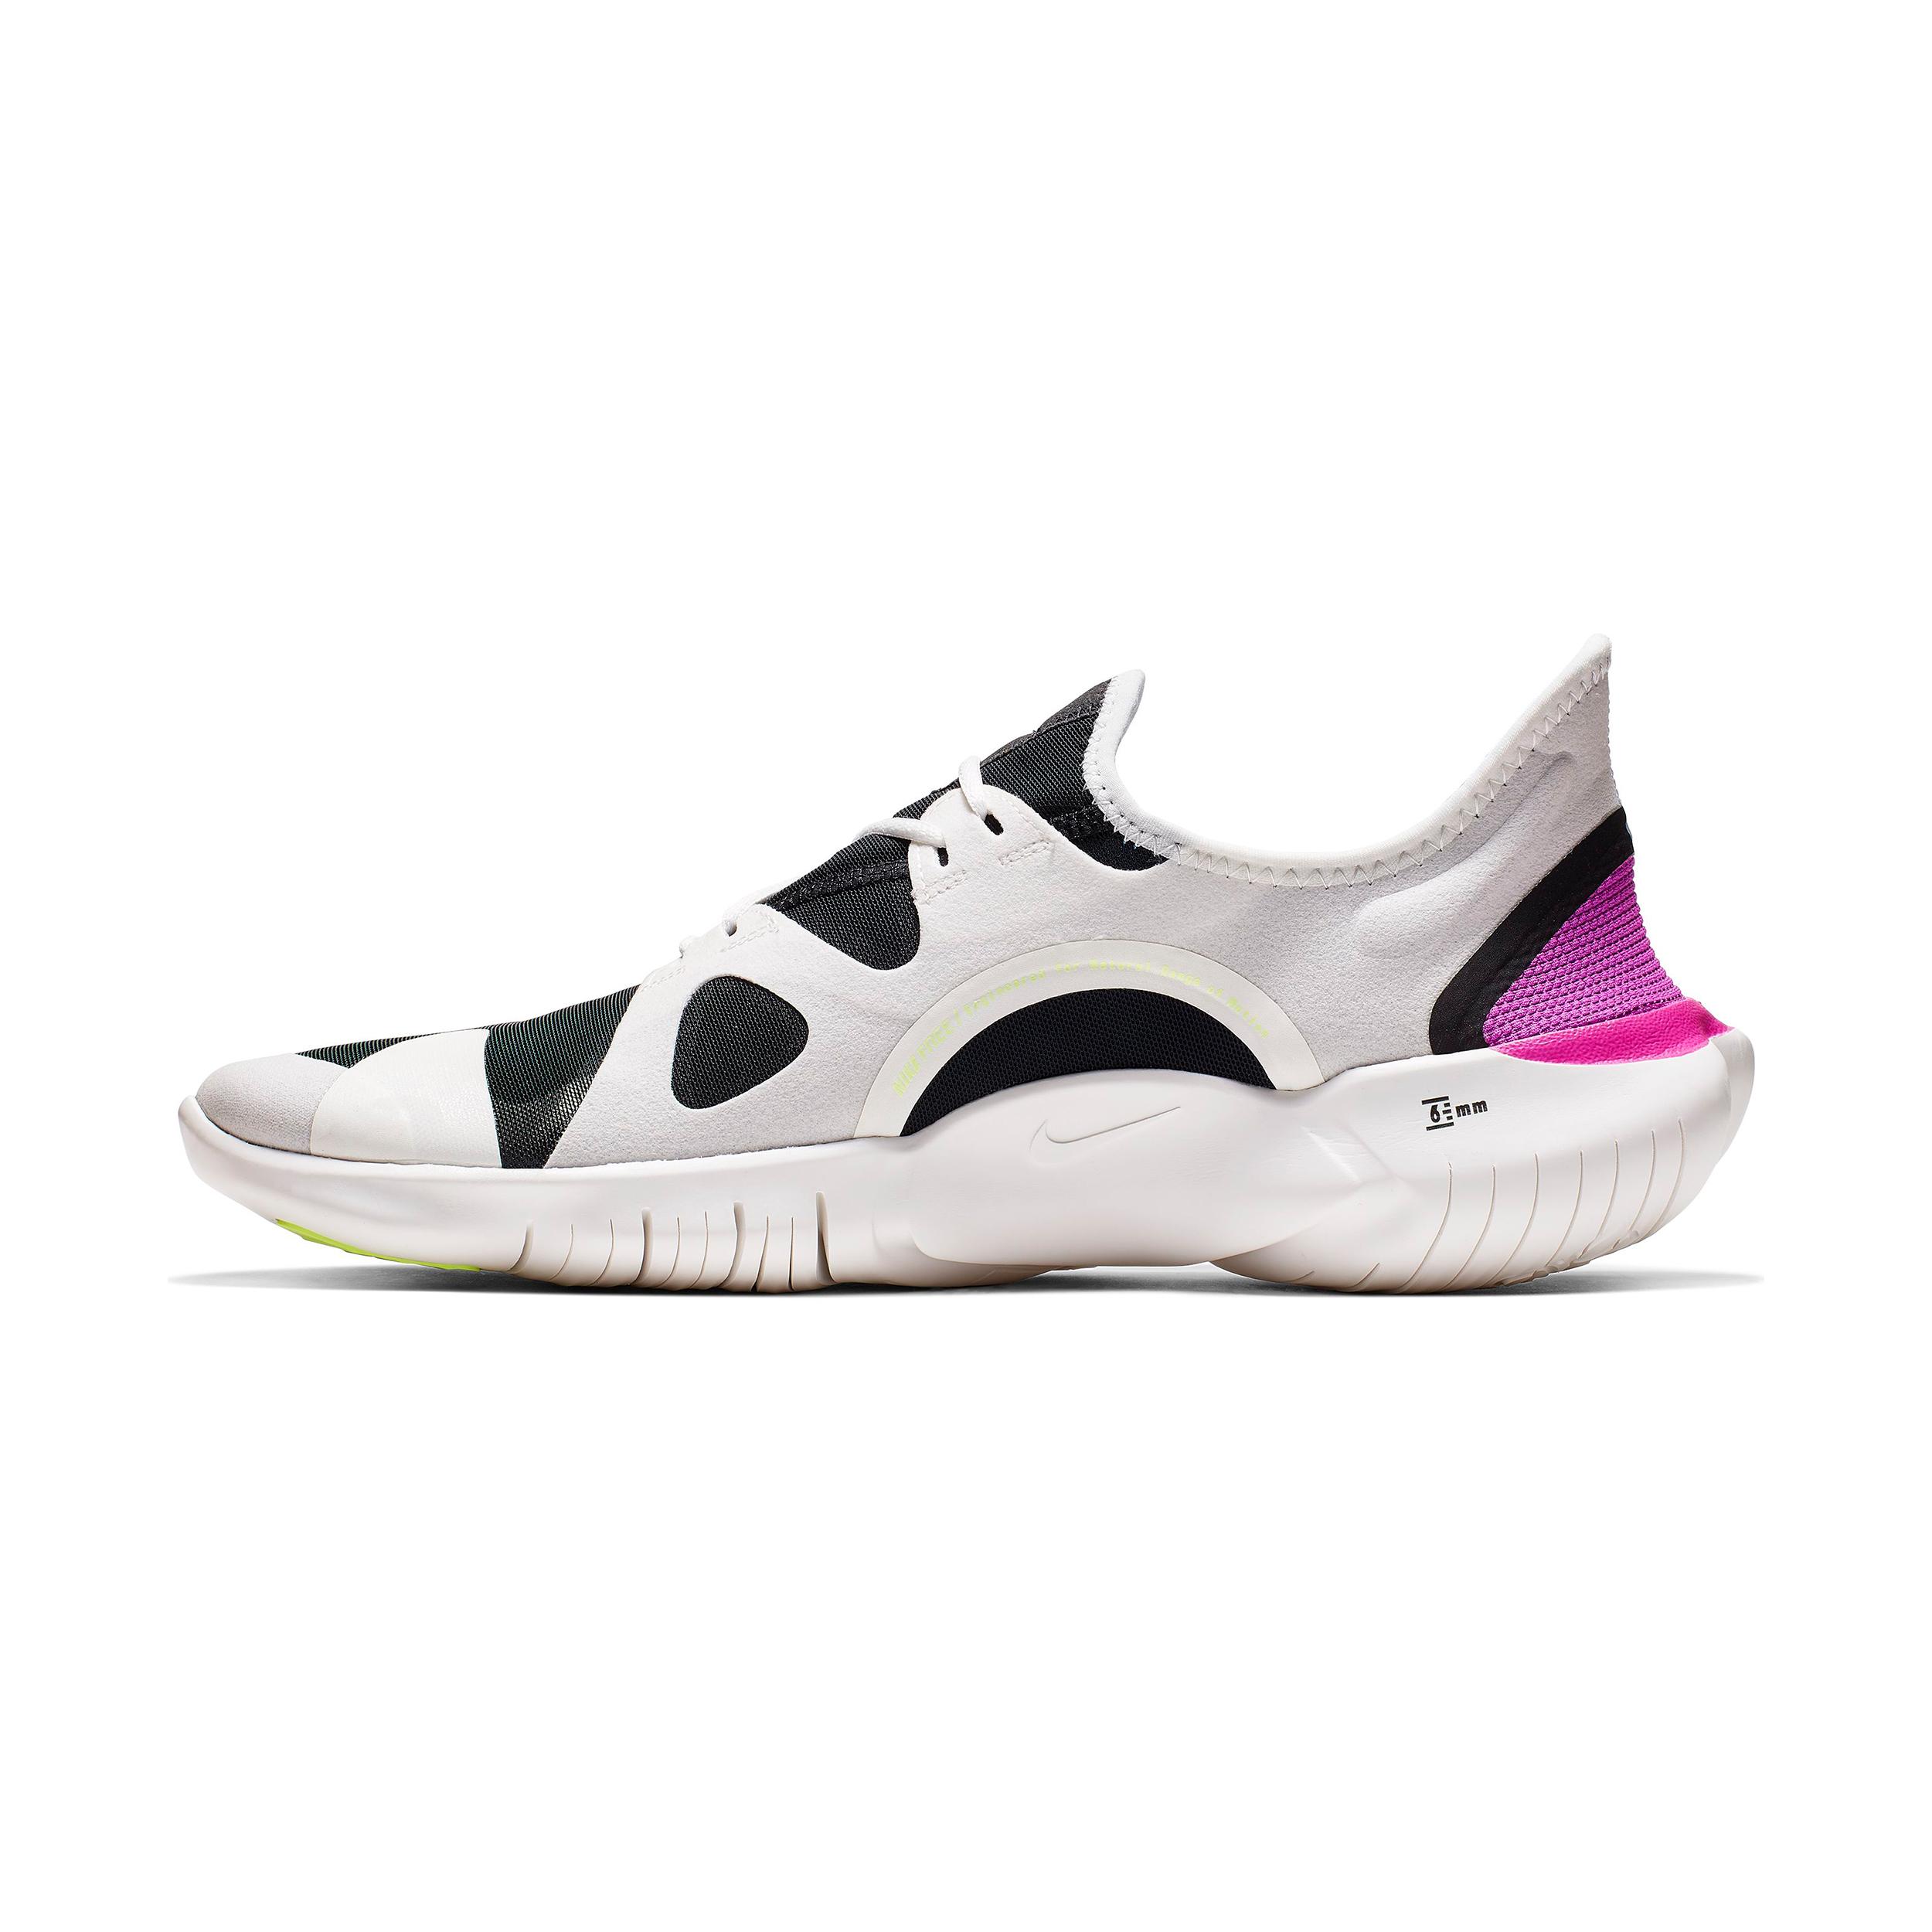 79840e912f5 Nike Free Run 5.0 Road Running Shoes - Men s